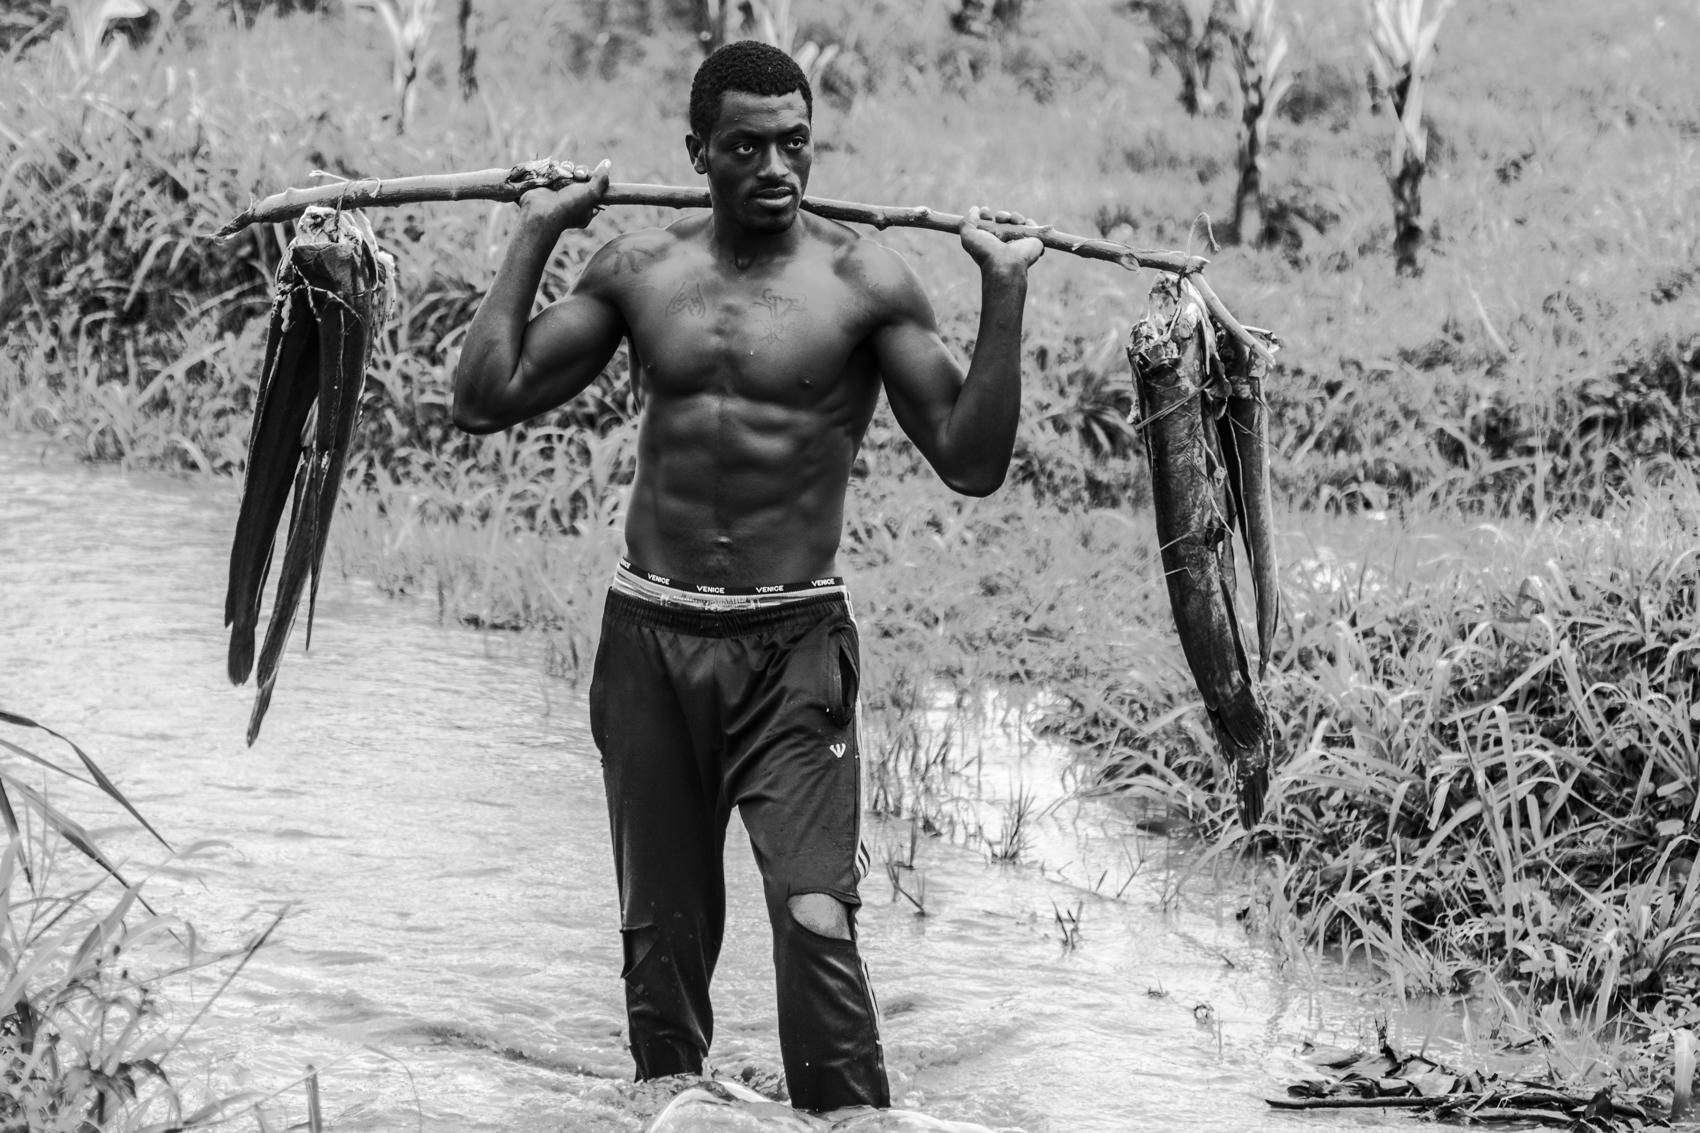 Konso fisherman